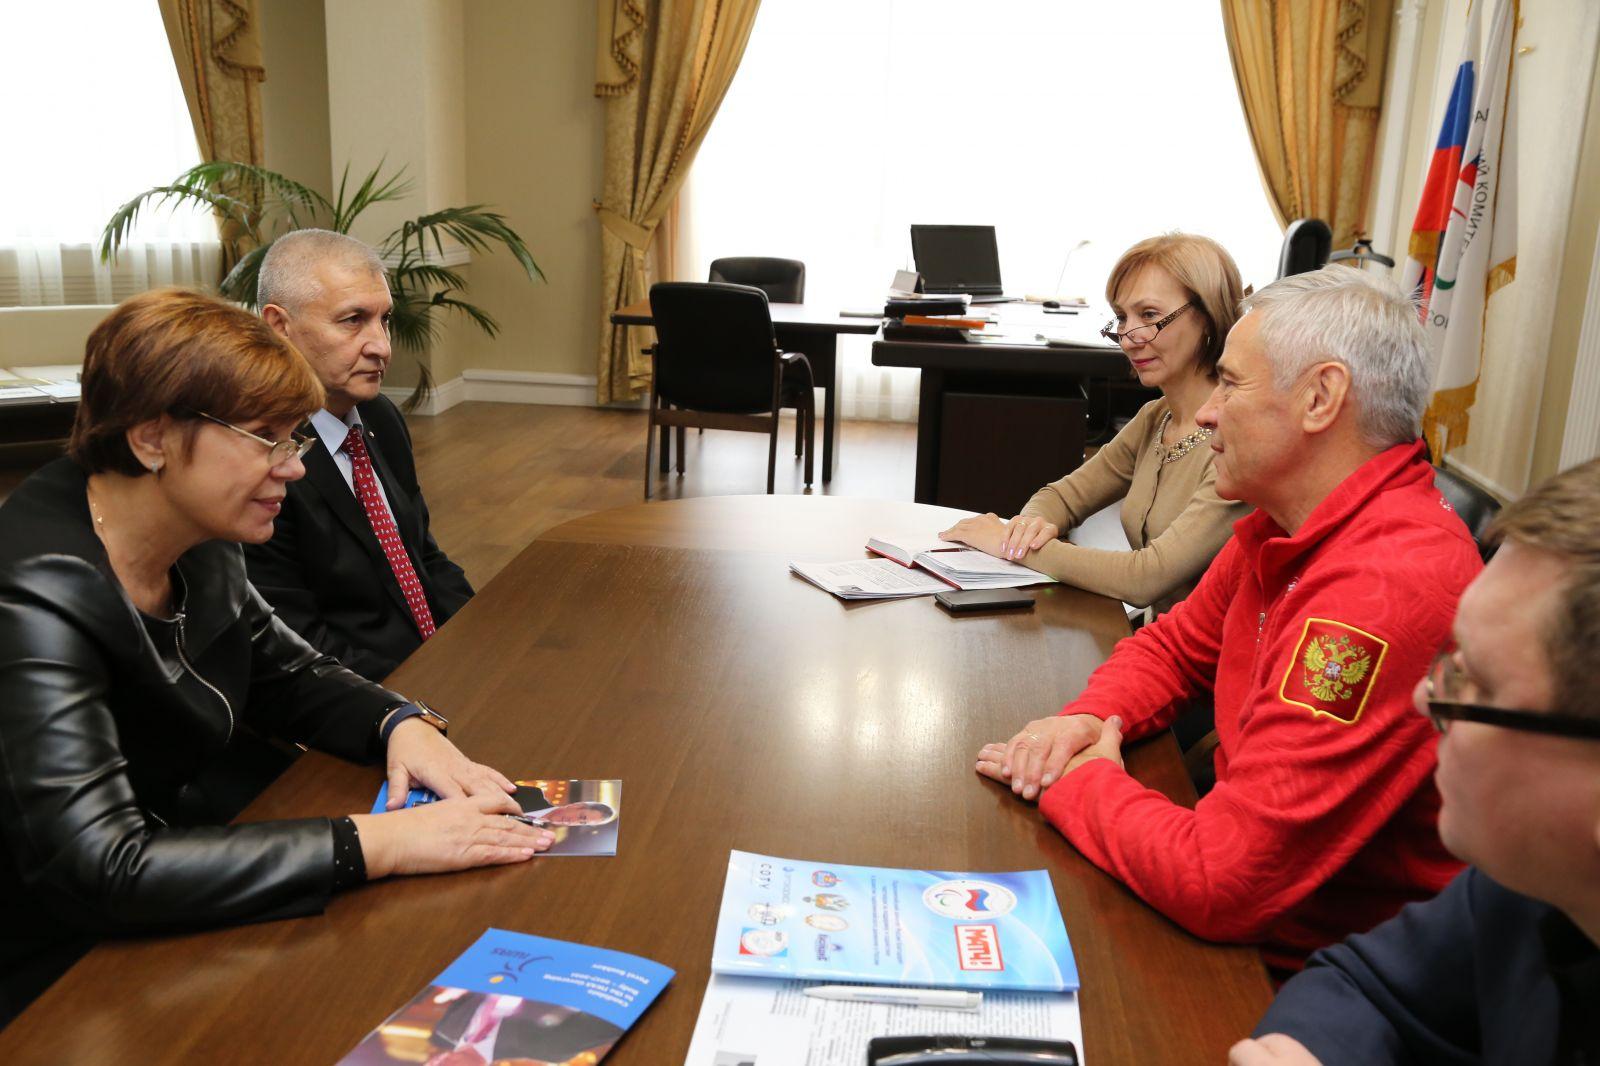 П.А. Рожков в офисе ПКР провел рабочую встречу с Е.Б. Белкиной и Х.Б. Исмаиловым